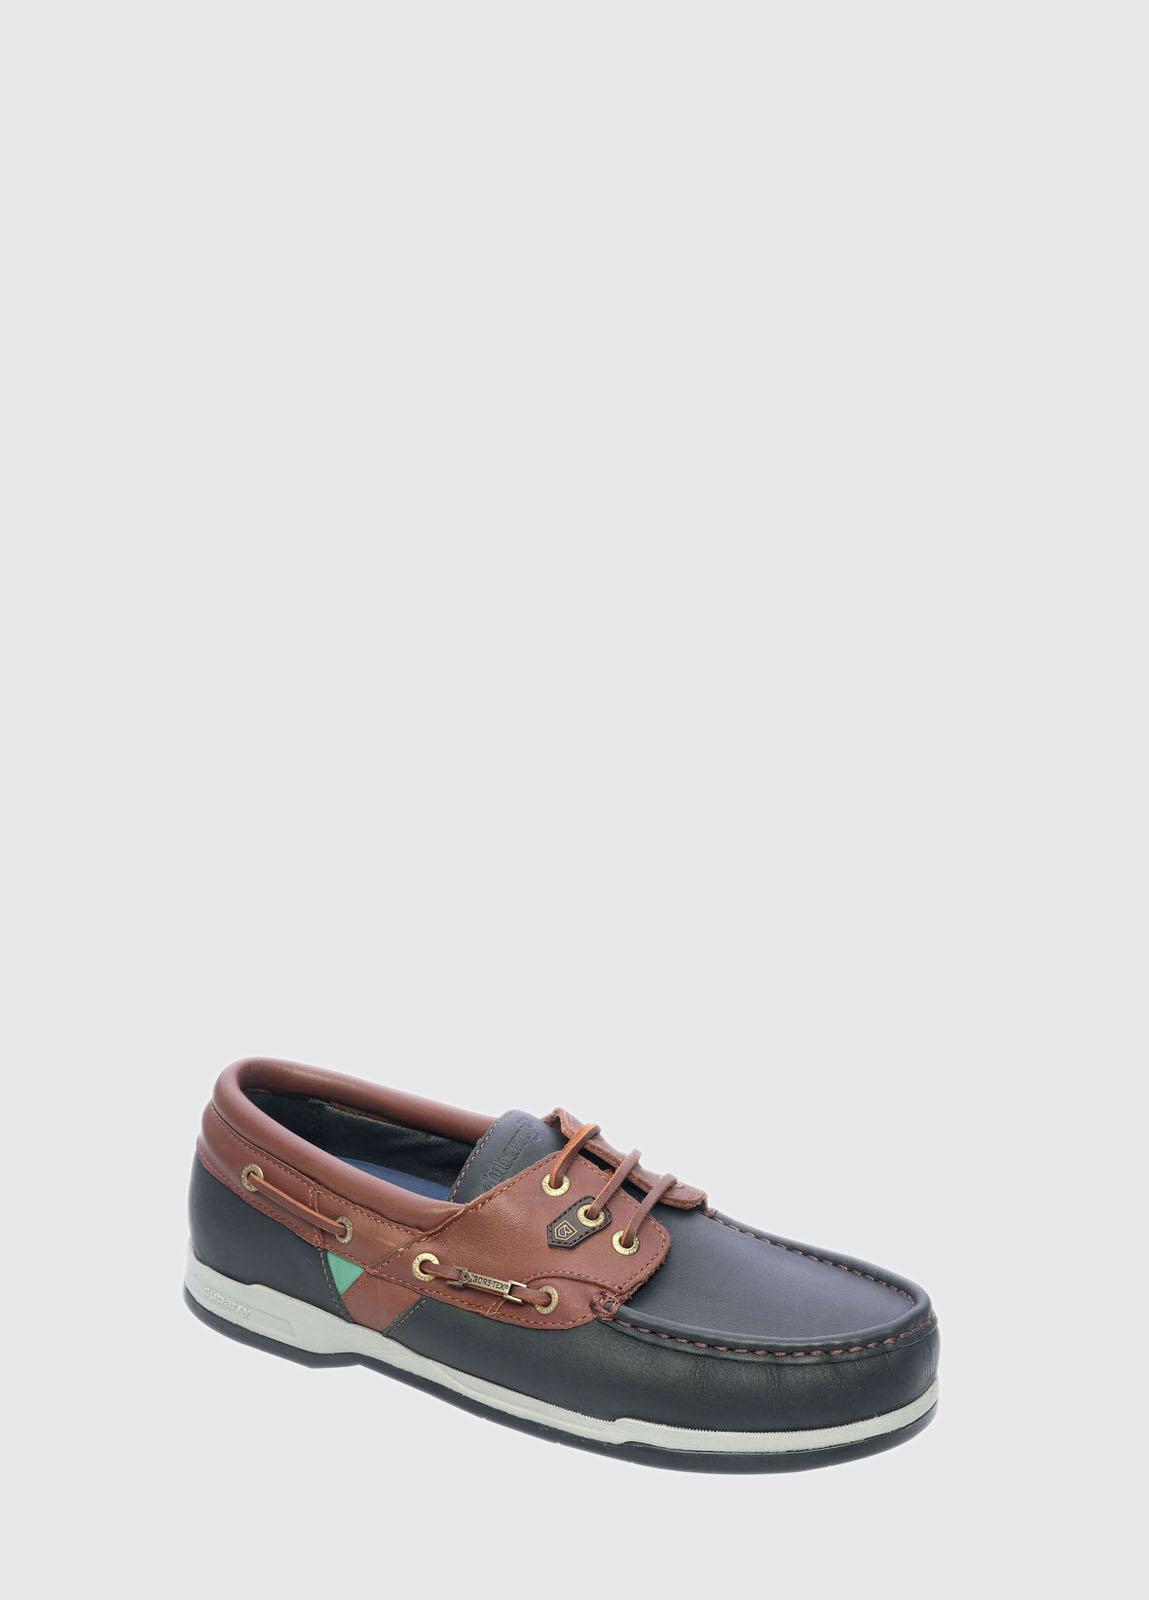 Helmsman Mens Boot Shoe - Navy/Walnut Leather